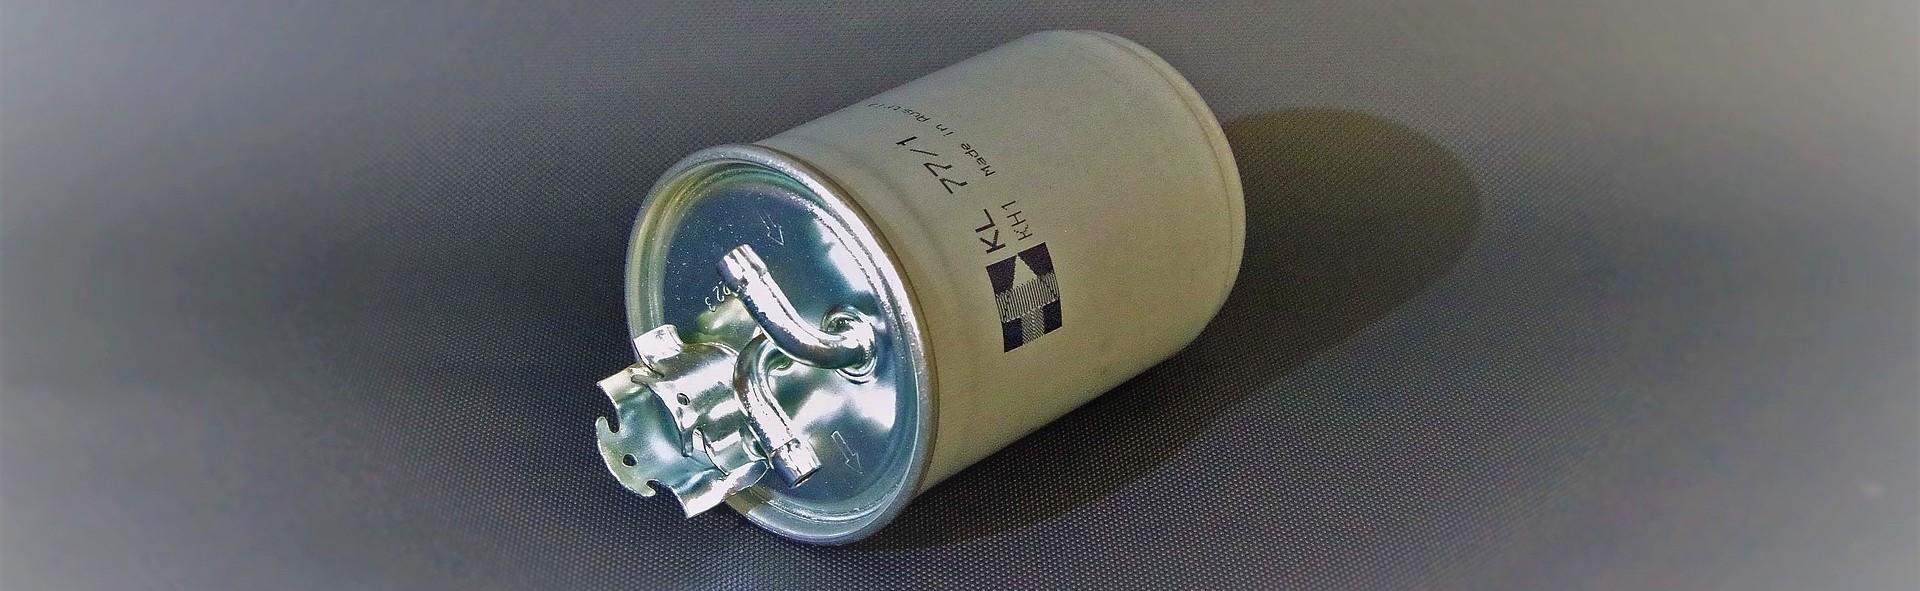 Co ile wymieniać filtr paliwa?